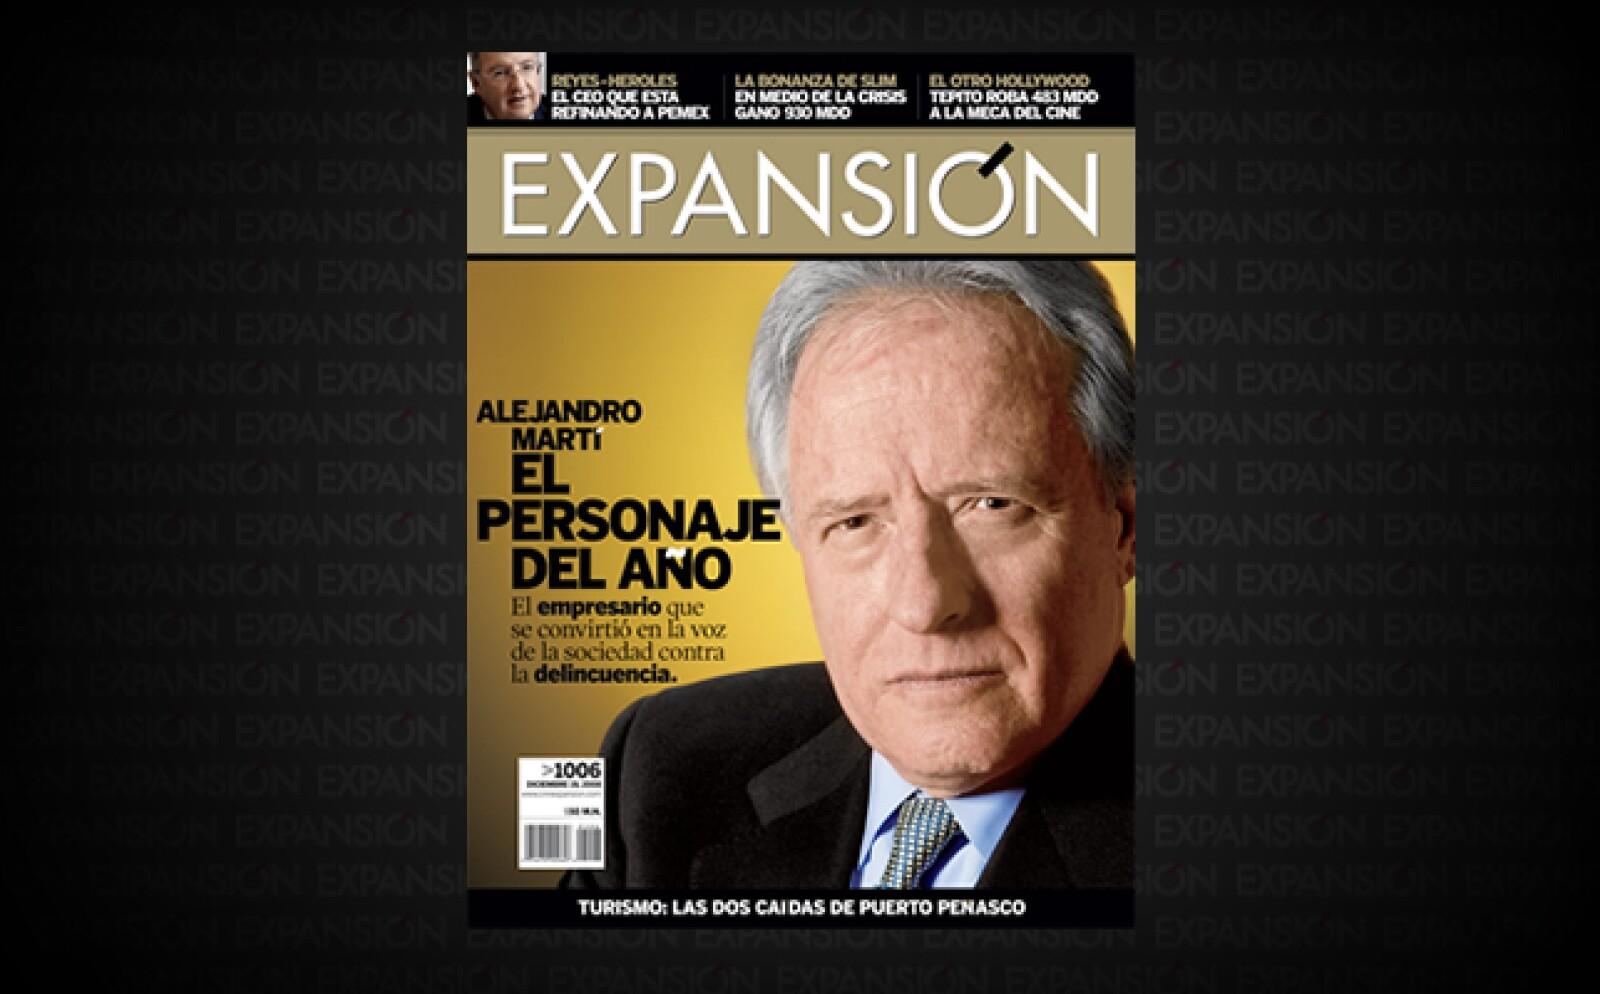 El empresario Alejandro Martí fue el Personaje del Año de Expansión.  El secuestro y la muerte de su hijo de 14 años de edad lo empujaron a convertirse en la voz de la gente contra la delincuencia.